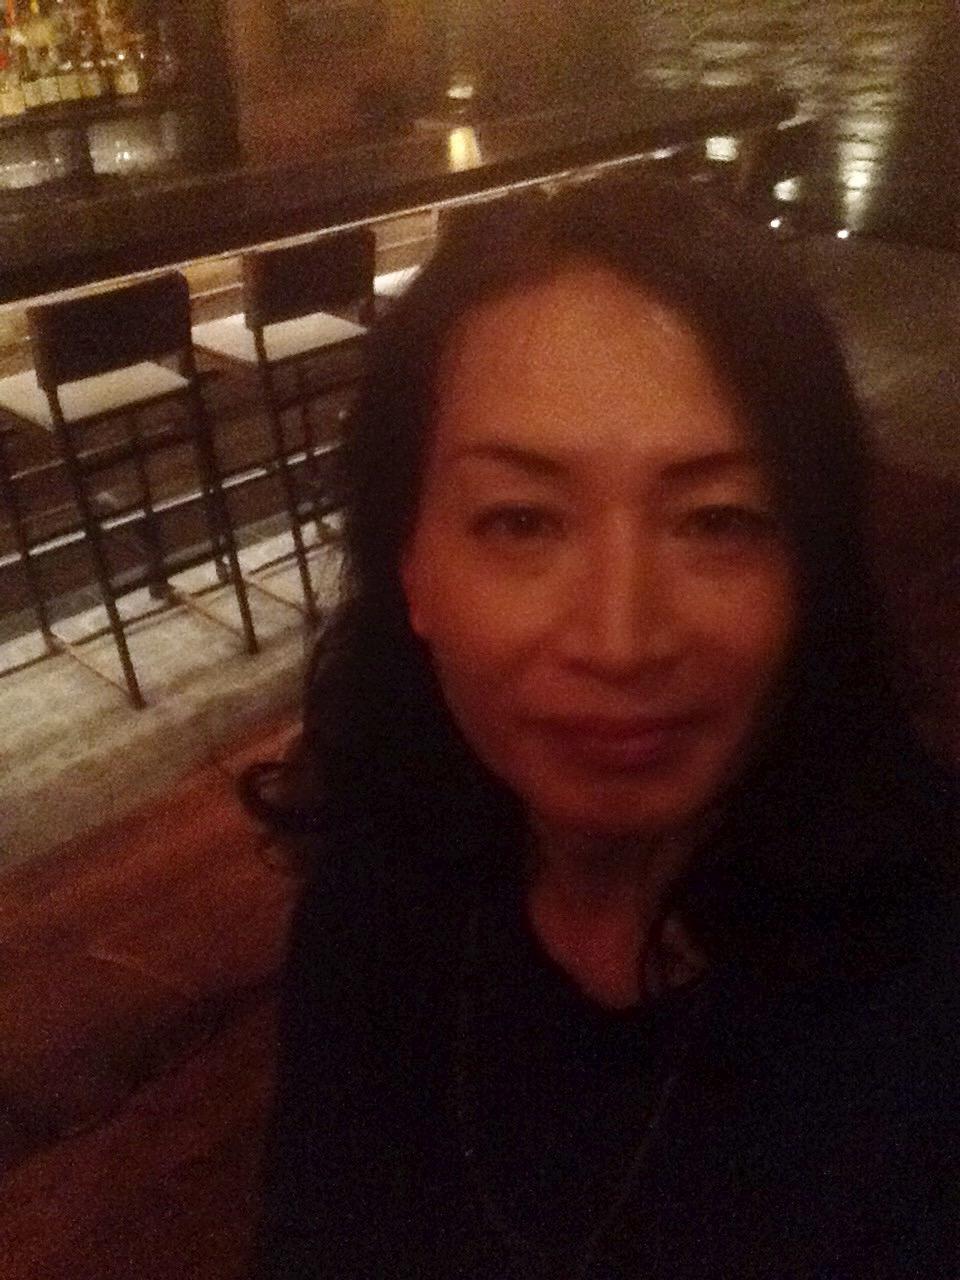 熟女NHヘルス孃マダム舞の袖振り合うも他生の縁 舞ちゃん  都内デートランチの後は、栃木県小山へ